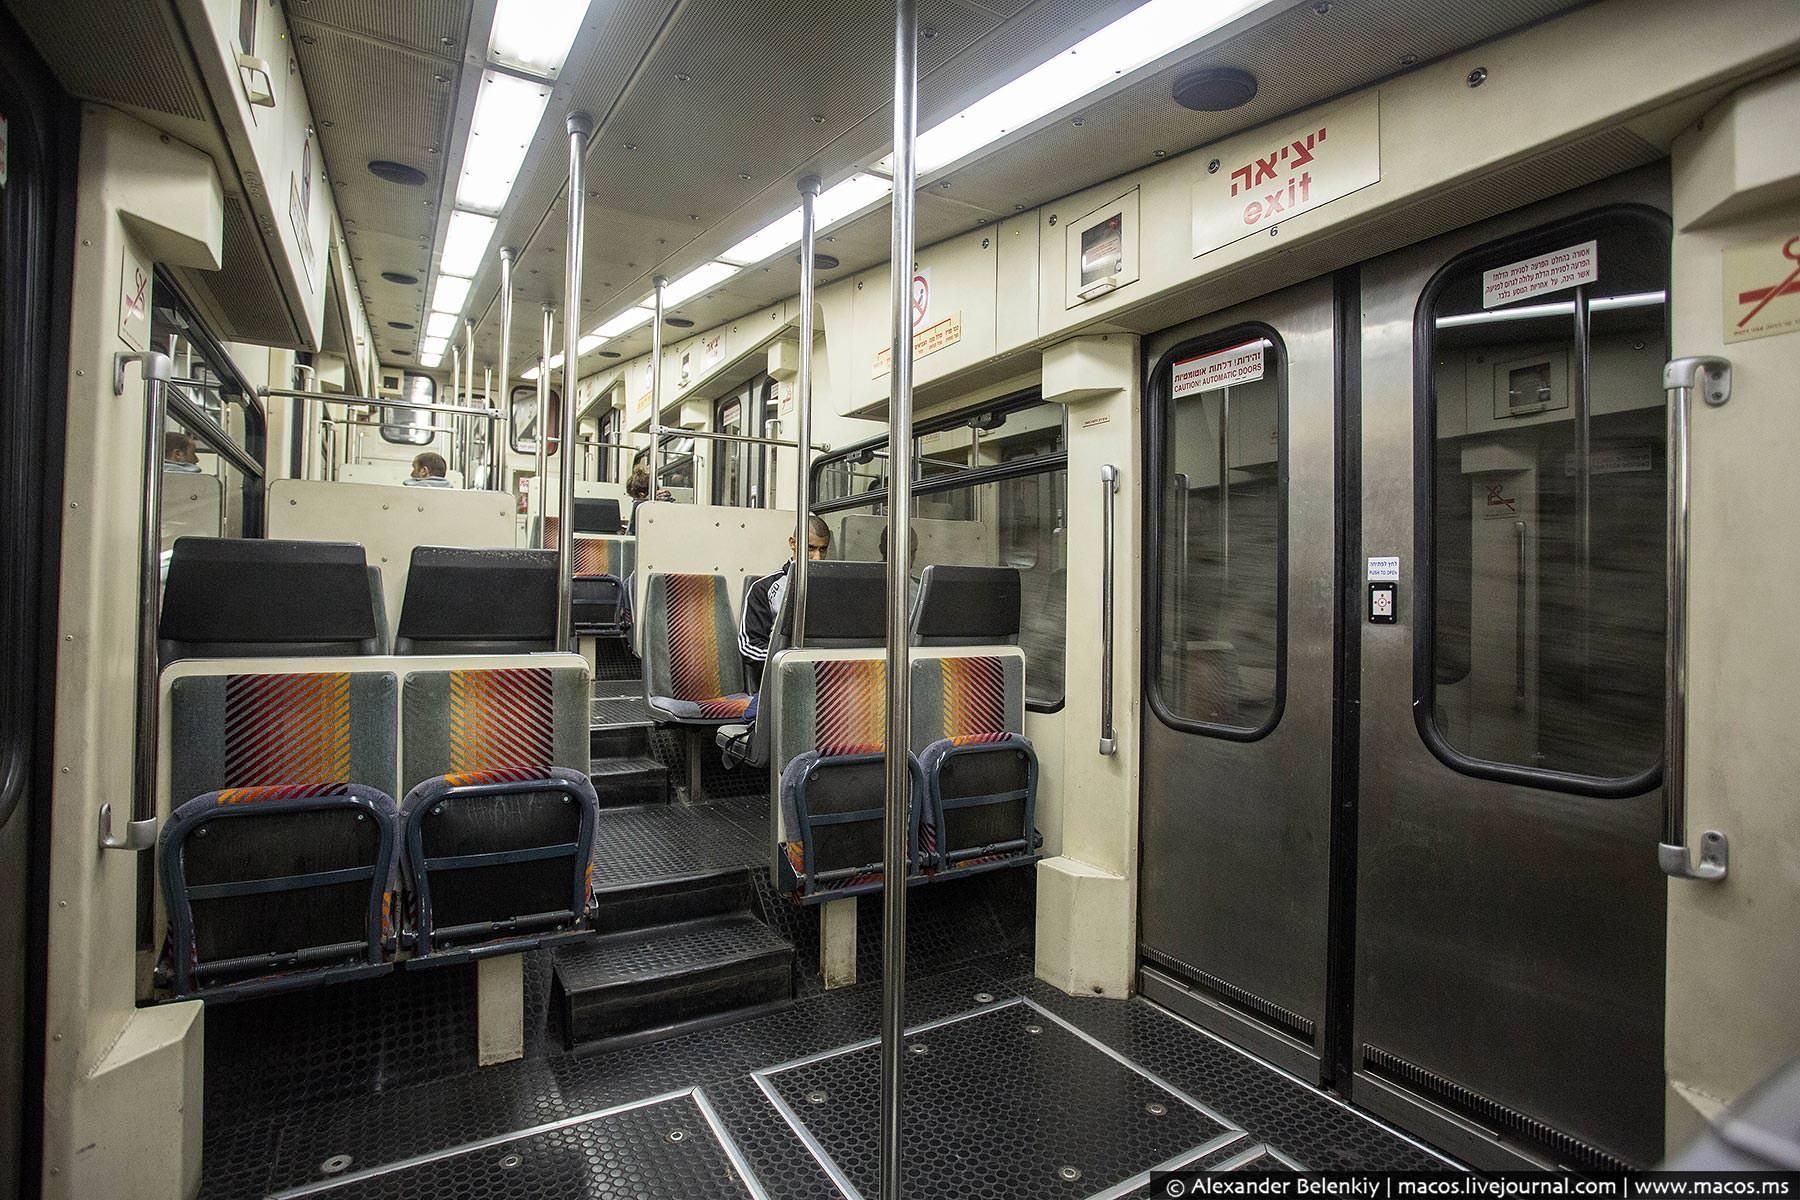 салон поезда курсирующего в метро Хайфы